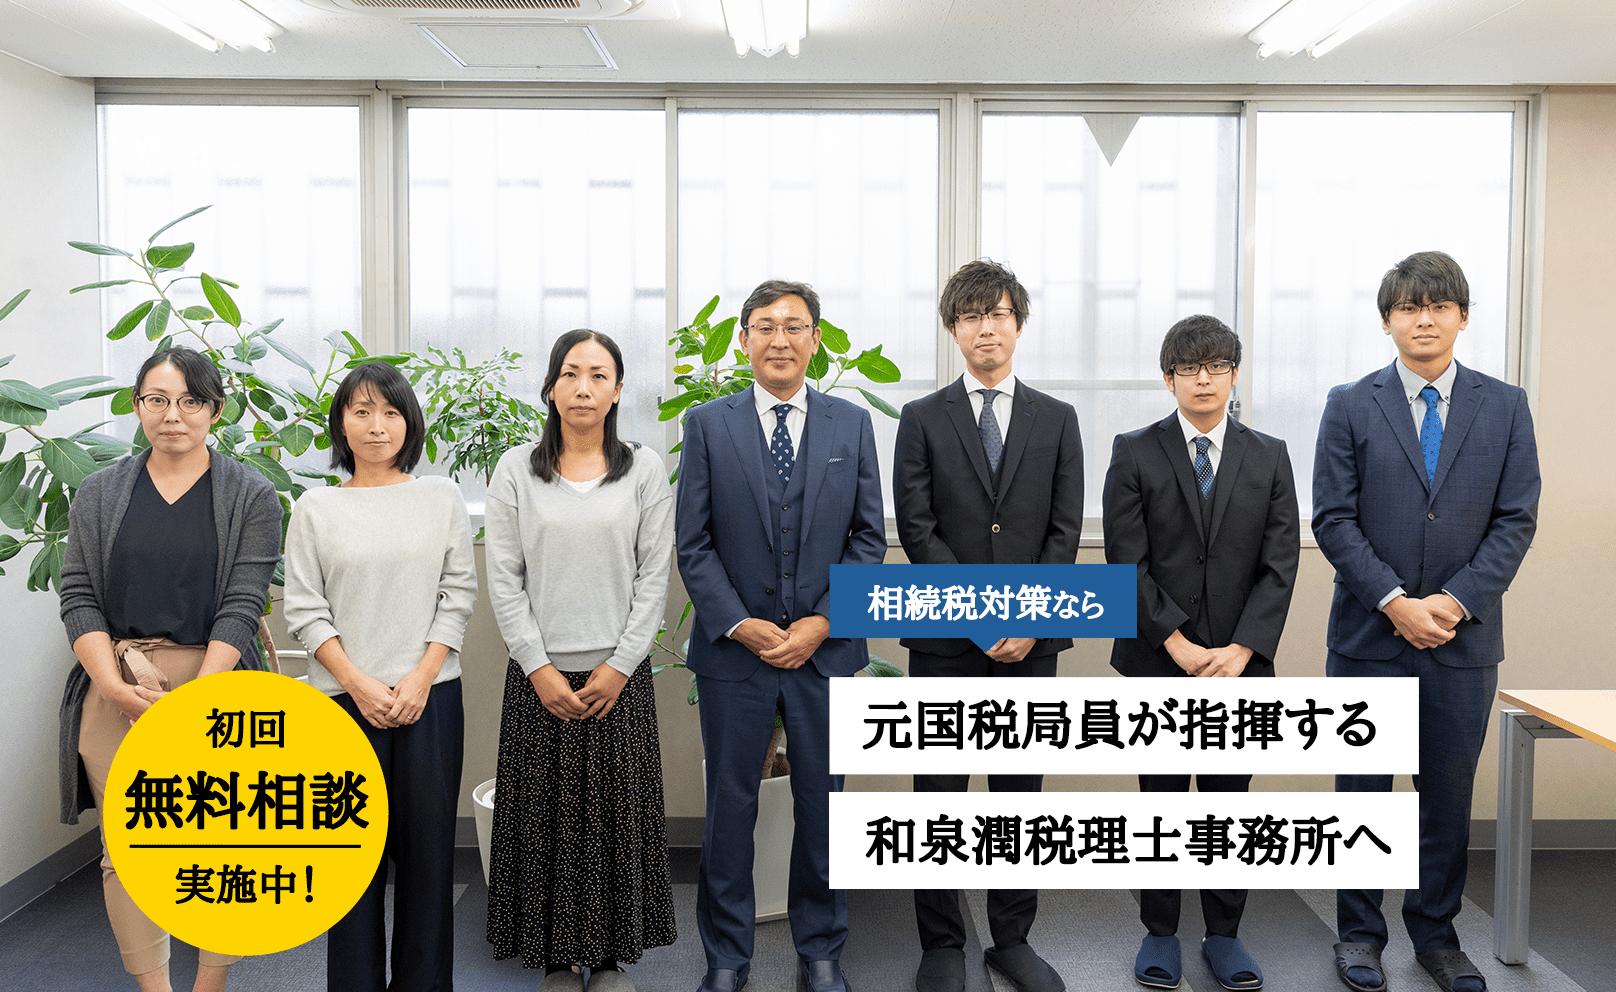 相続税対策なら元国税局員が指揮する和泉税理士事務所へ。初回無料相談実施中!